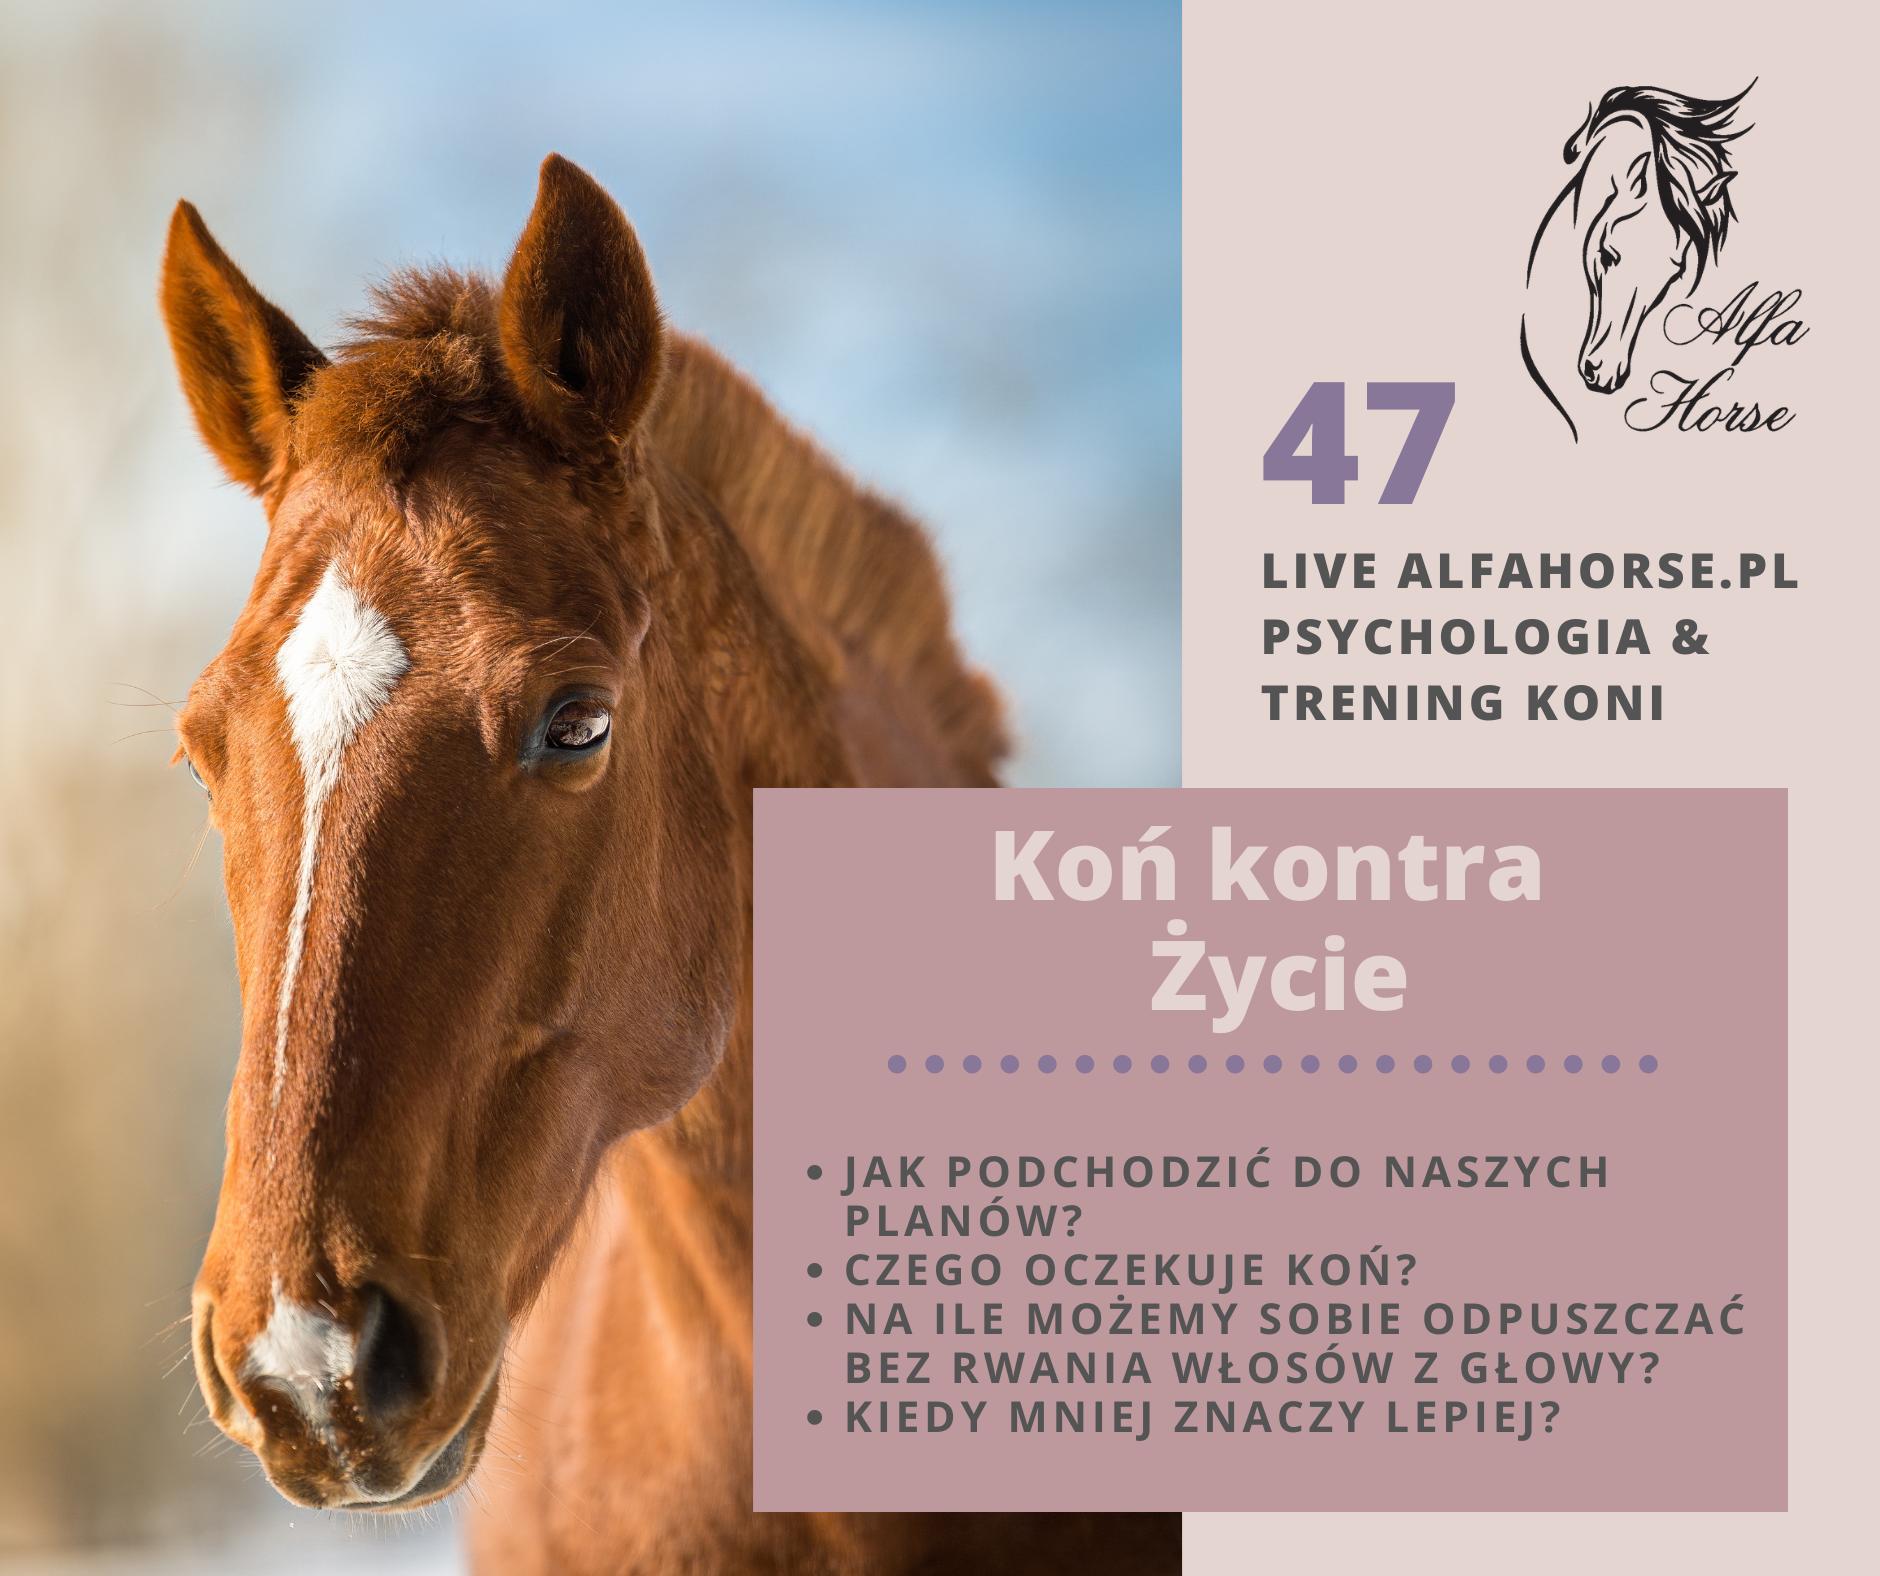 kon_kotra_zycie_trening_problemy_konie